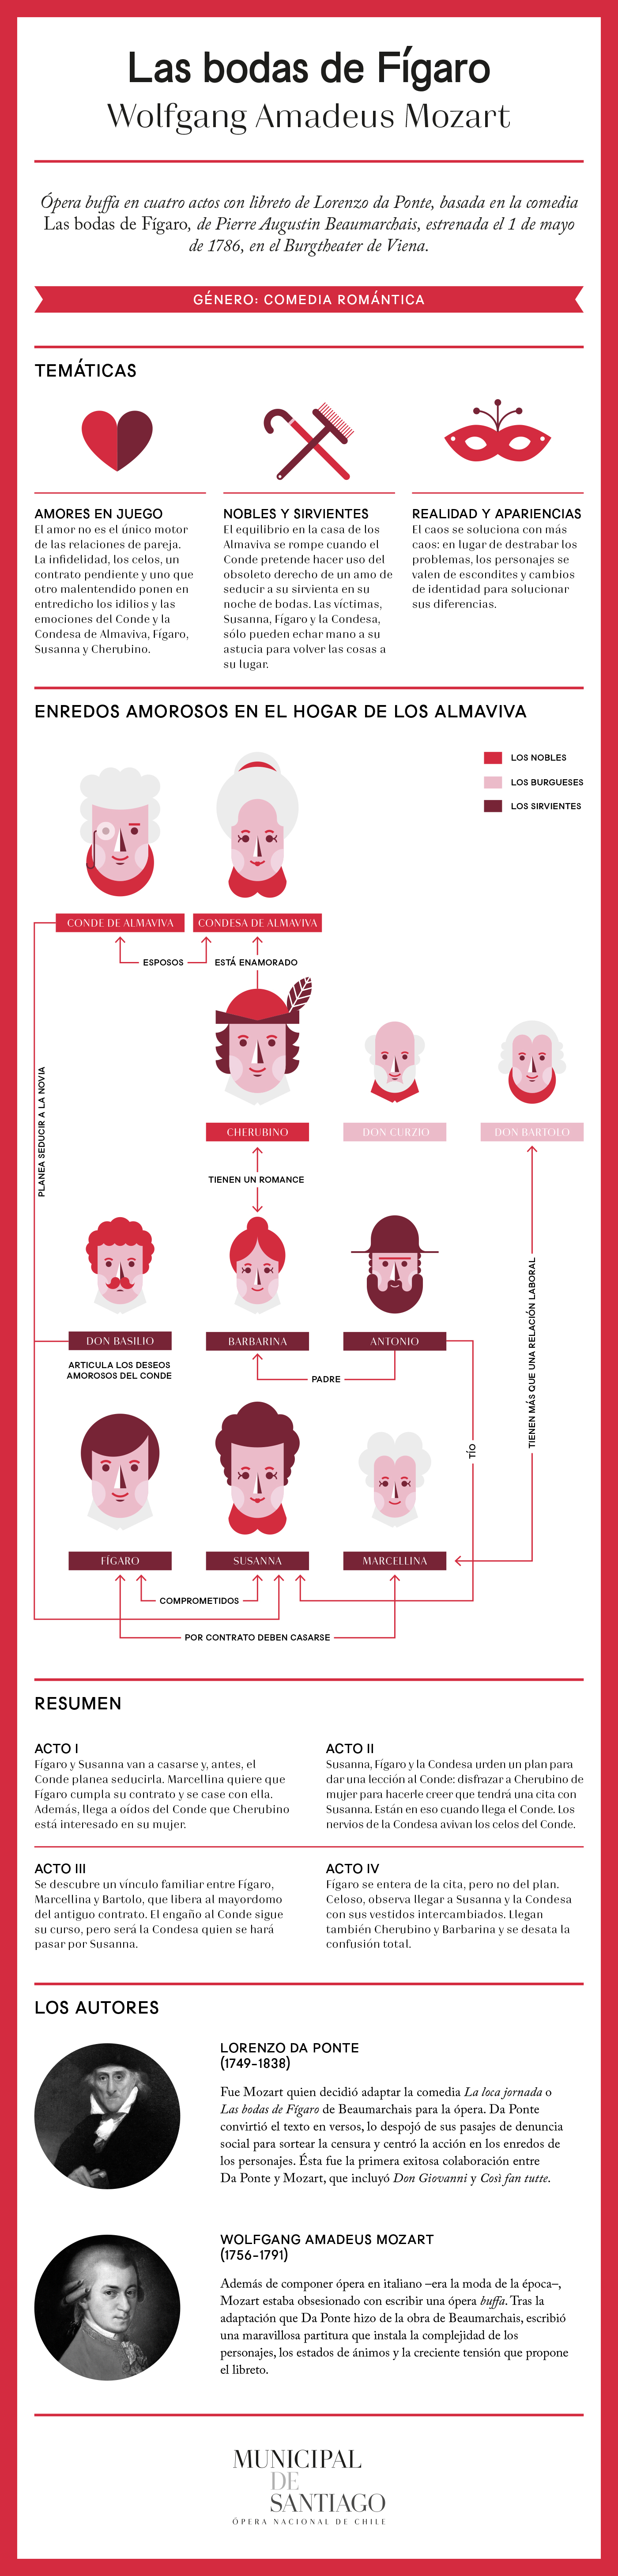 Infografia_Las_bodas_de_Figaro